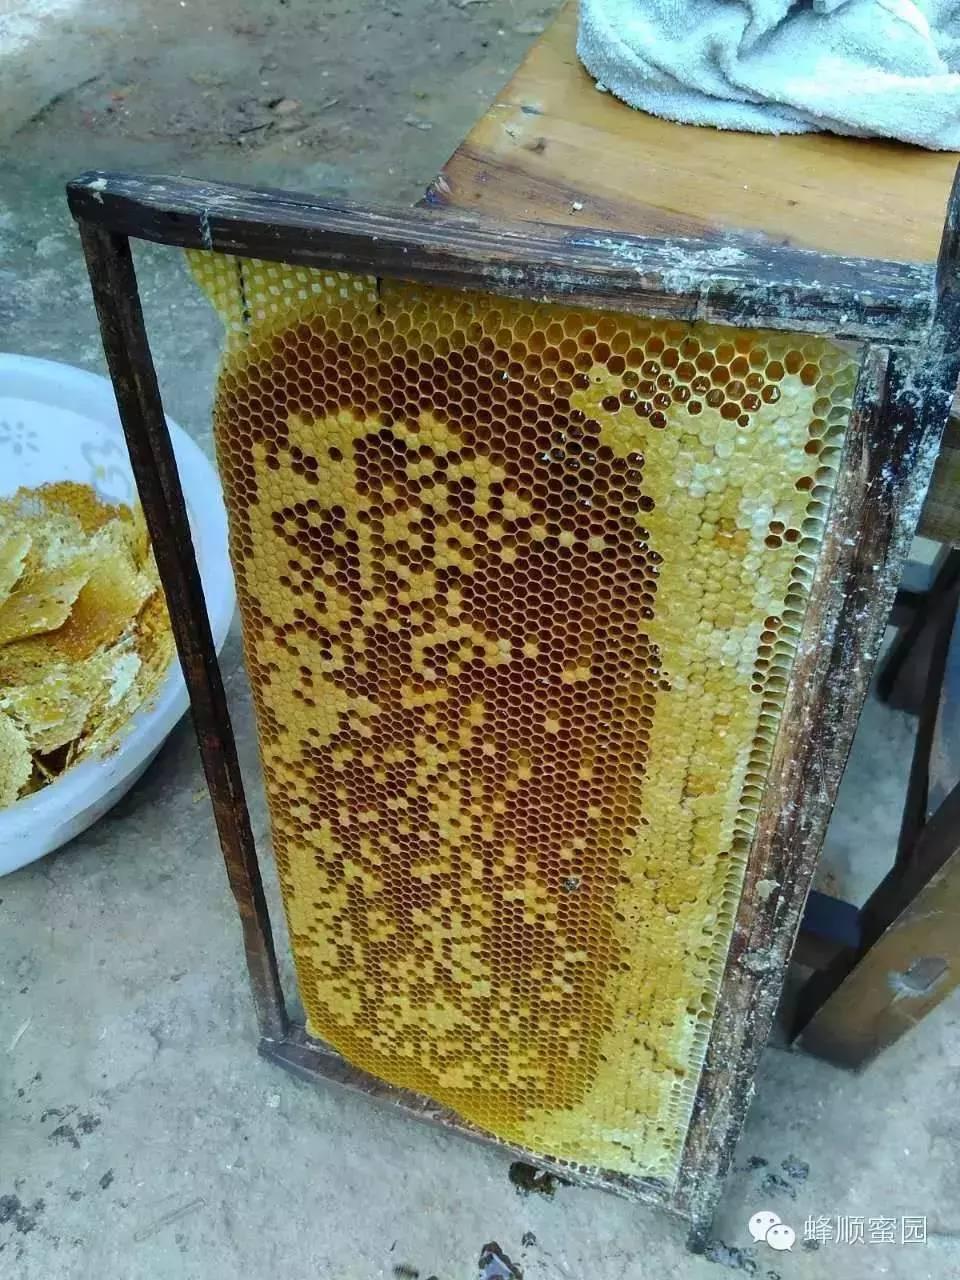 蜂蜜怎么吃好 蜂蜜牌子 冠生园蜂蜜 荔枝蜂蜜 土蜂蜜纯天然